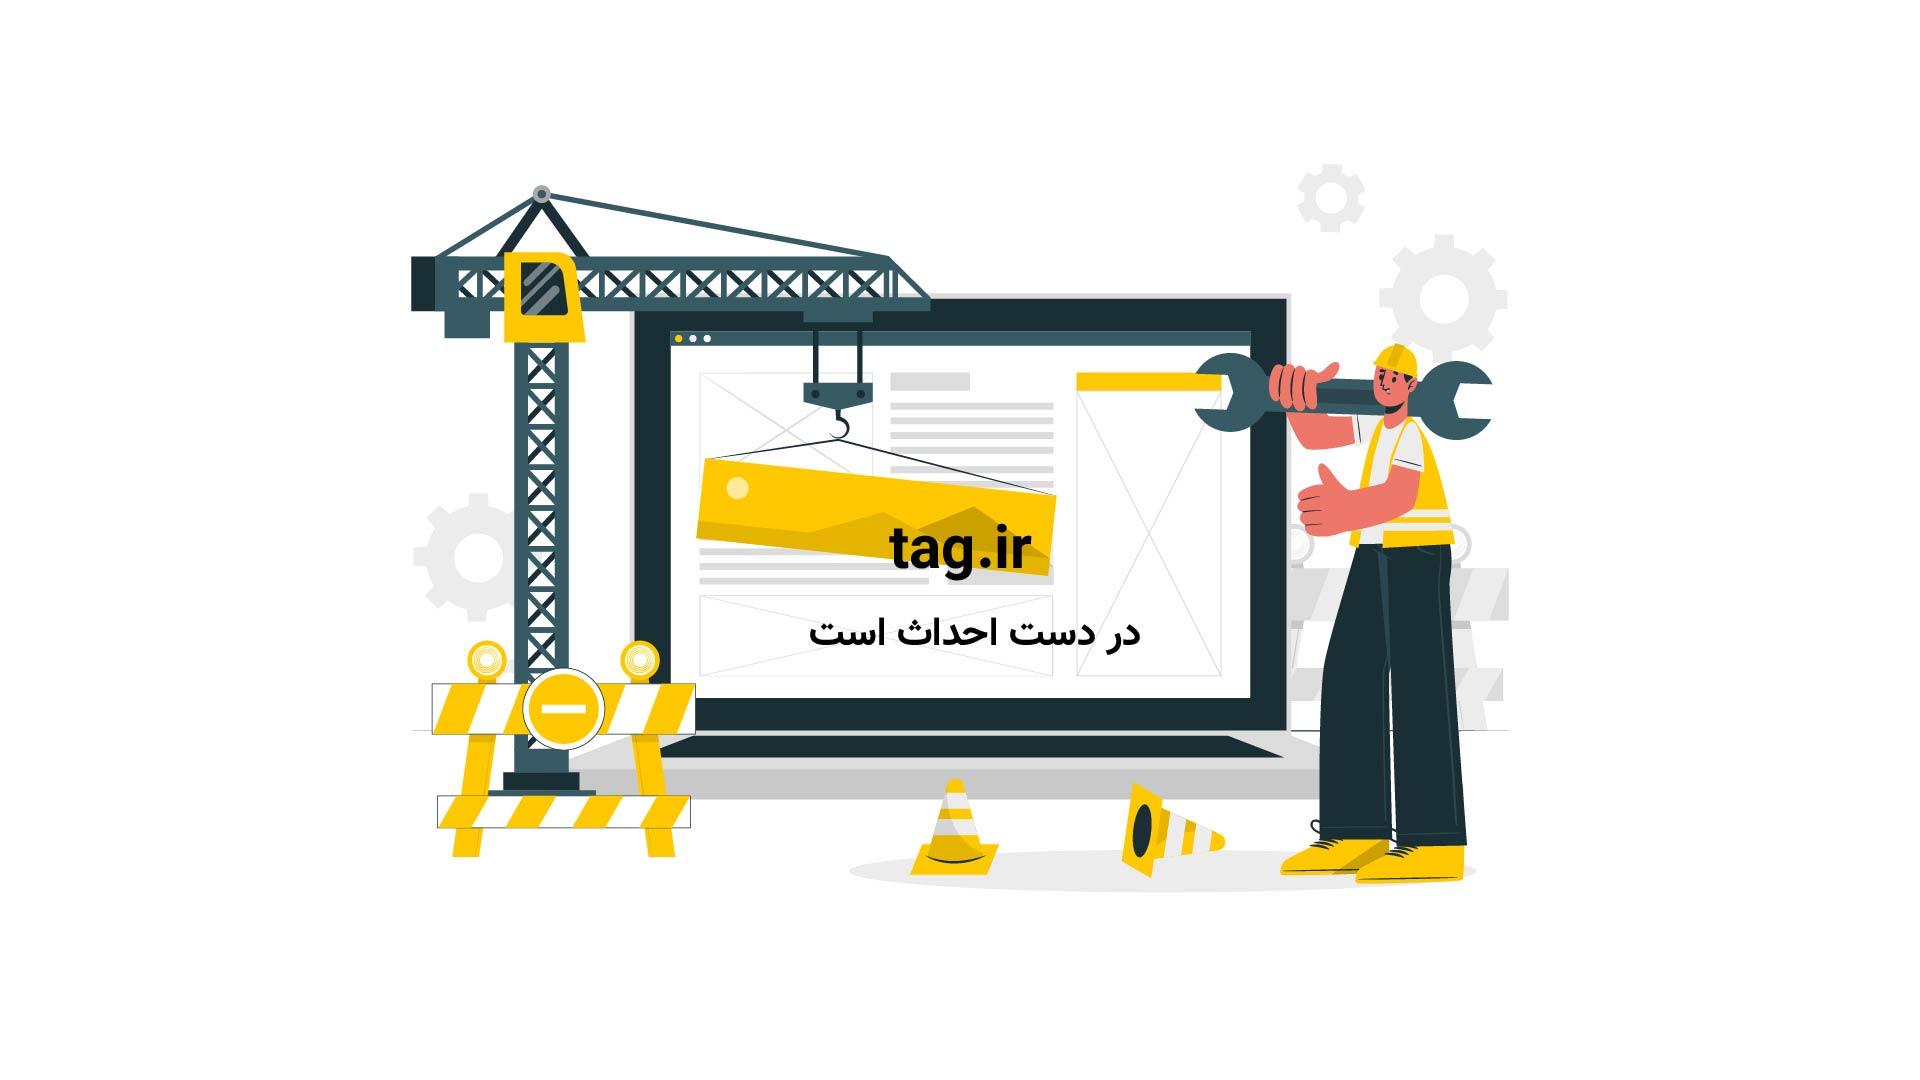 بزرگترین قایق بادبانی جهان